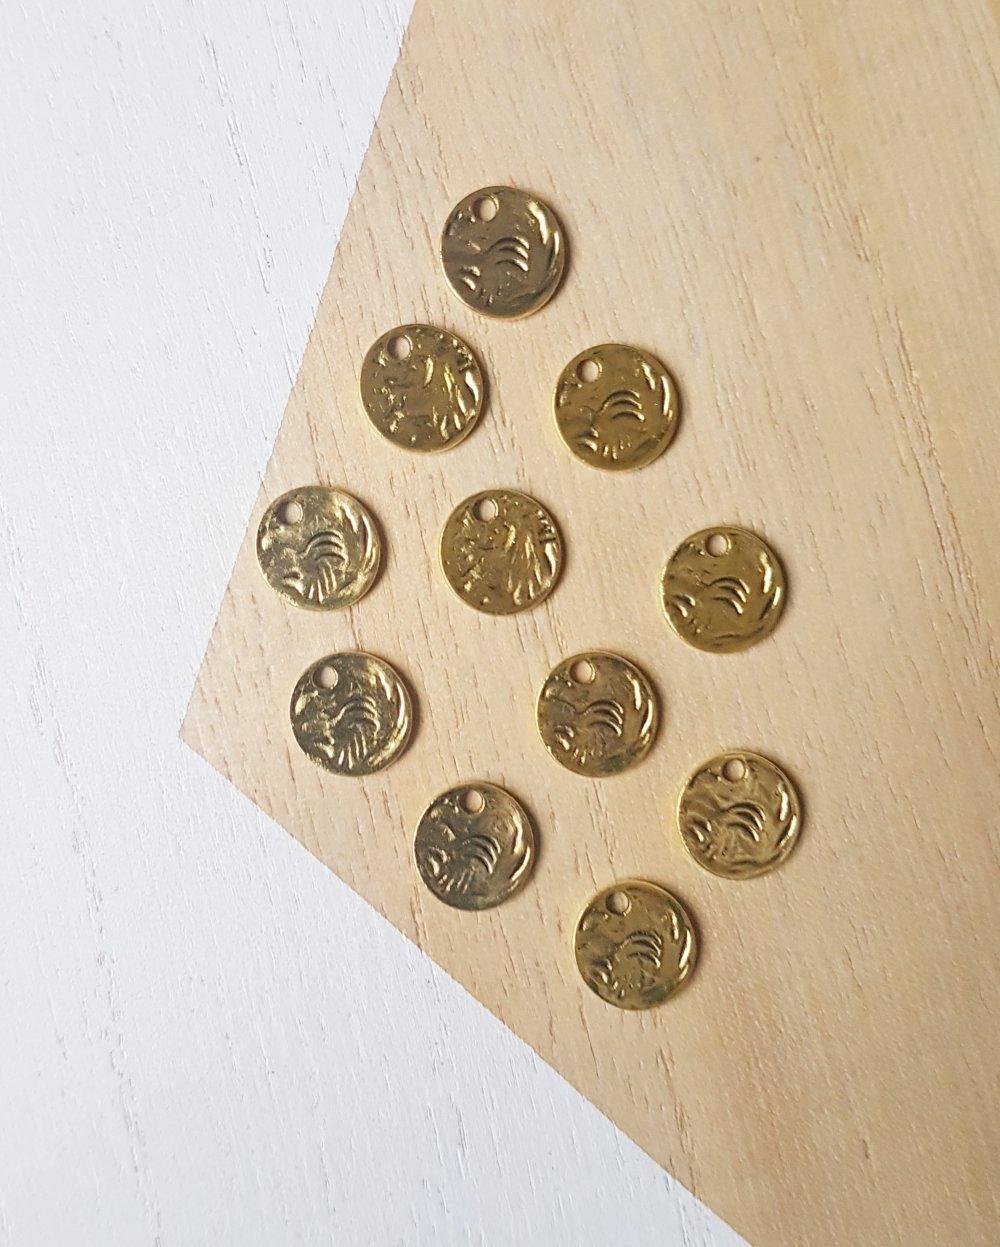 10 breloques rondes doré, 10 pendentifs ronds doré, 10 sequins ronds